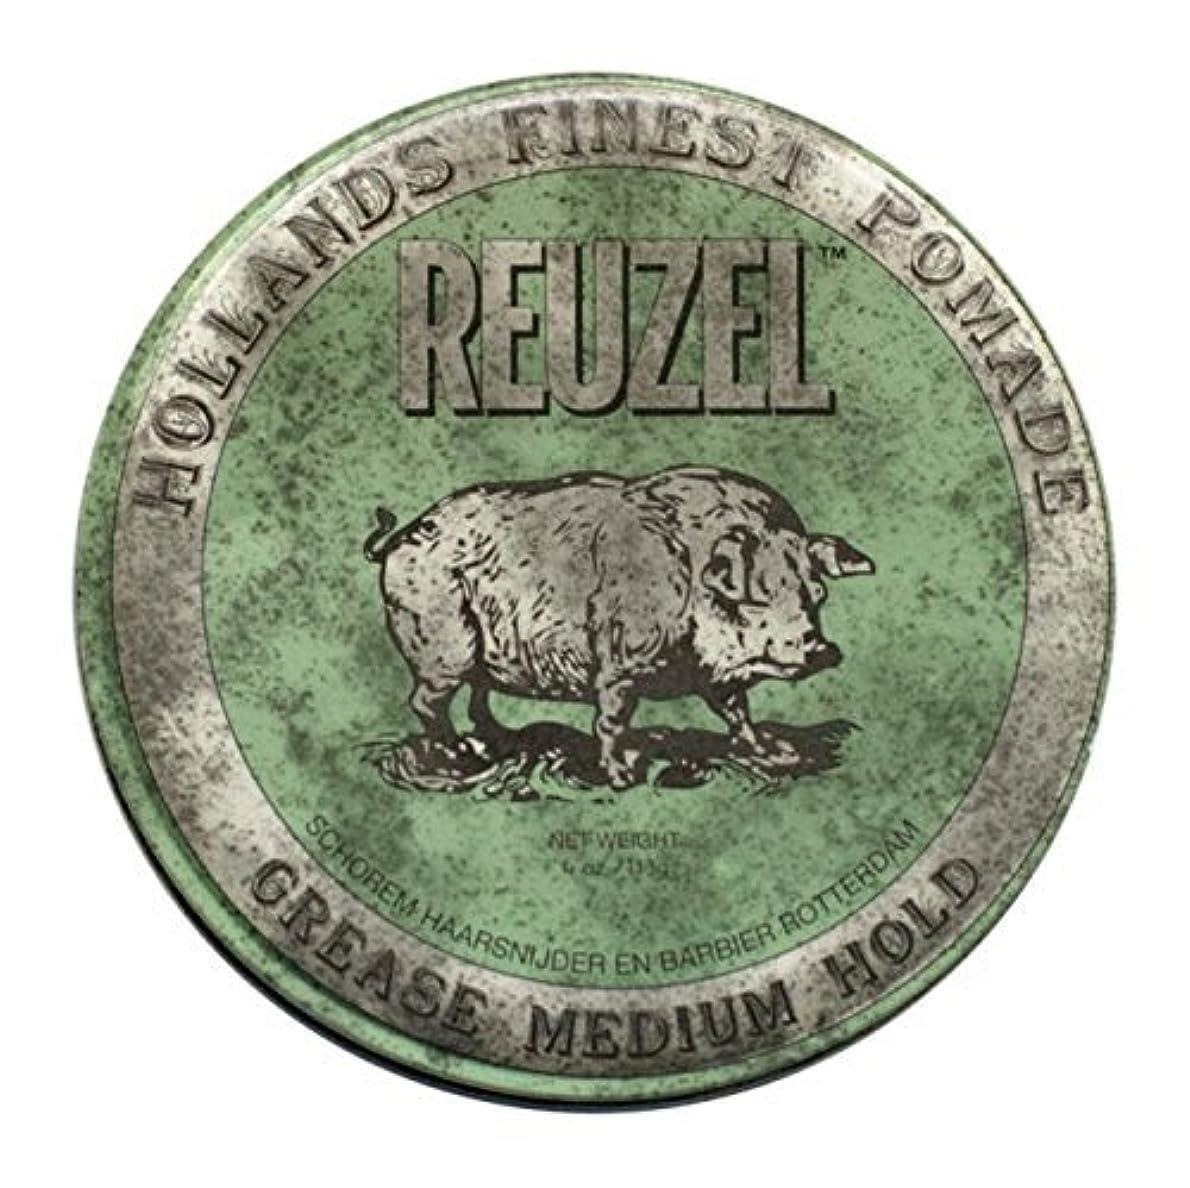 前者哀れな子供達REUZEL Grease Hold Hair Styling Pomade Piglet Wax/Gel, Medium, Green, 1.3 oz, 35g [並行輸入品]